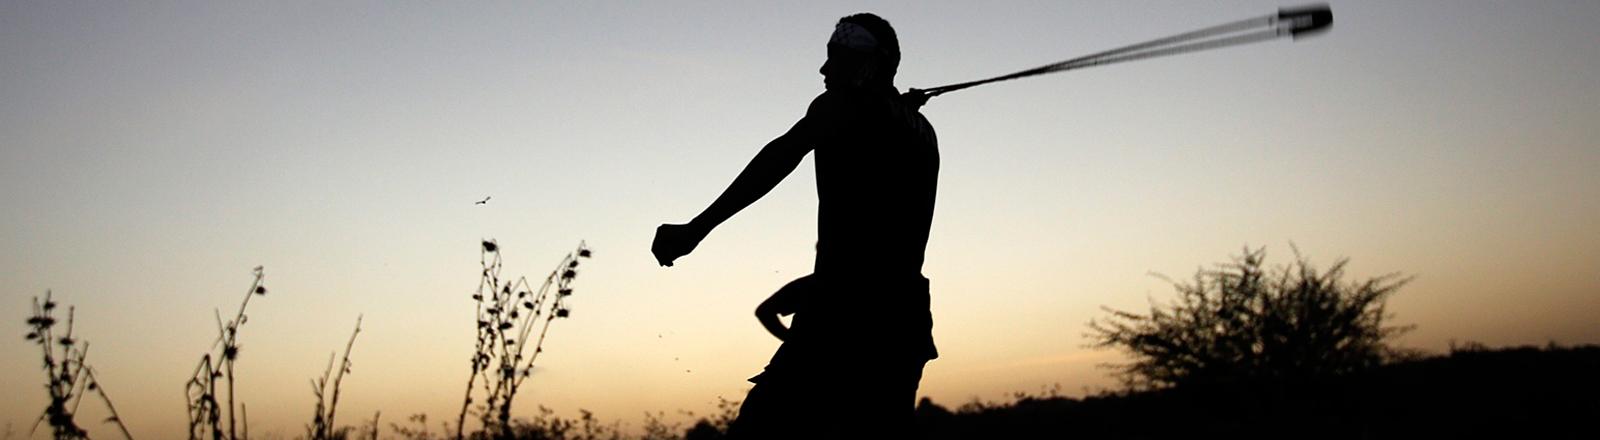 Bei Zusammenstößen mit dem israelischen Militär an der Grenze des Gaza-Streifens benutzt ein palästinensischer Jugendlicher am 14.10.2015 eine Steinschleuder.